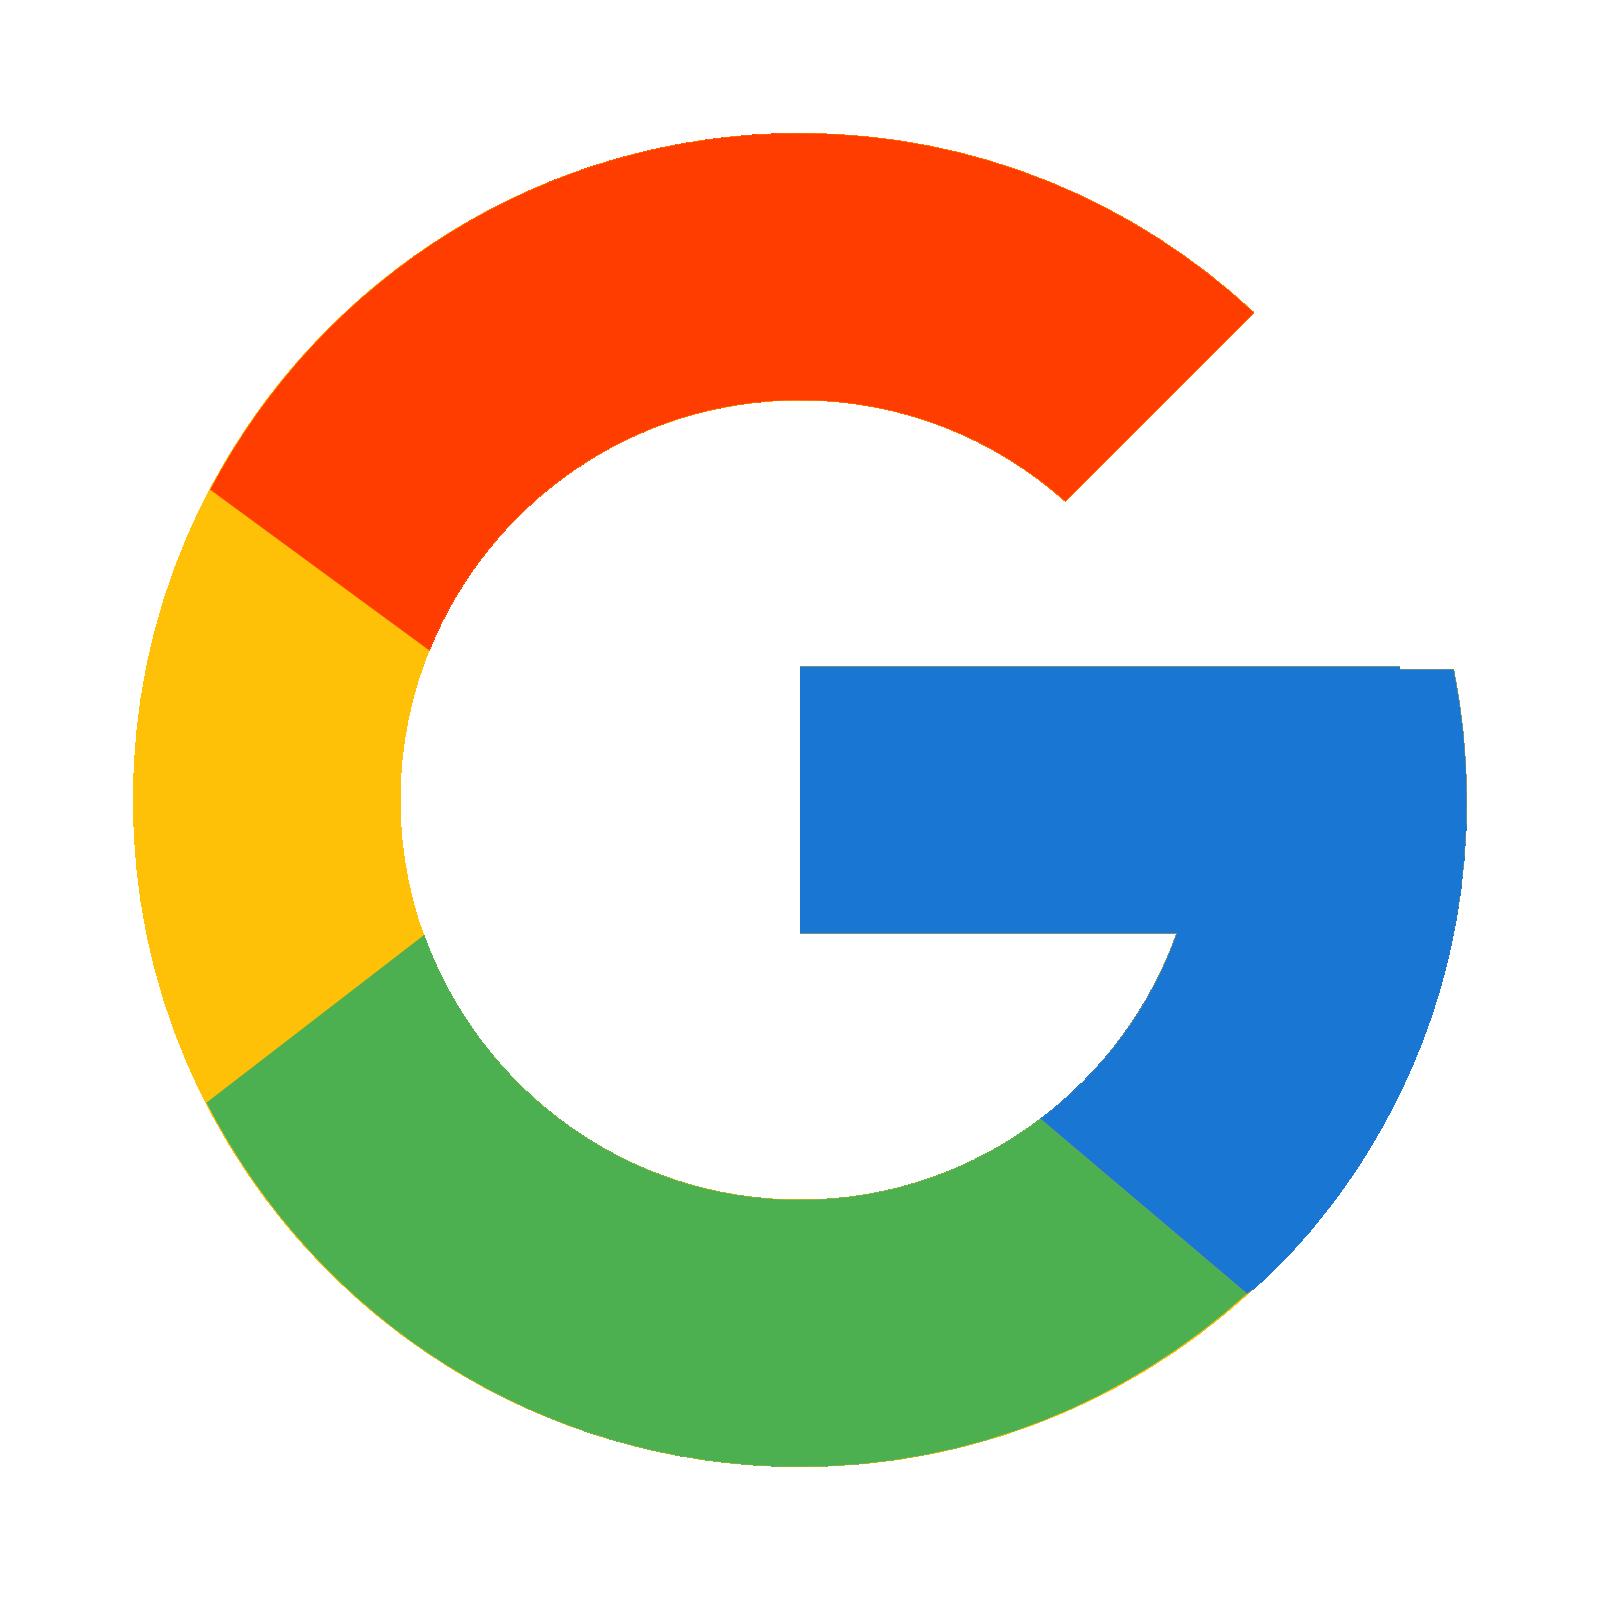 imATHLETE and Google